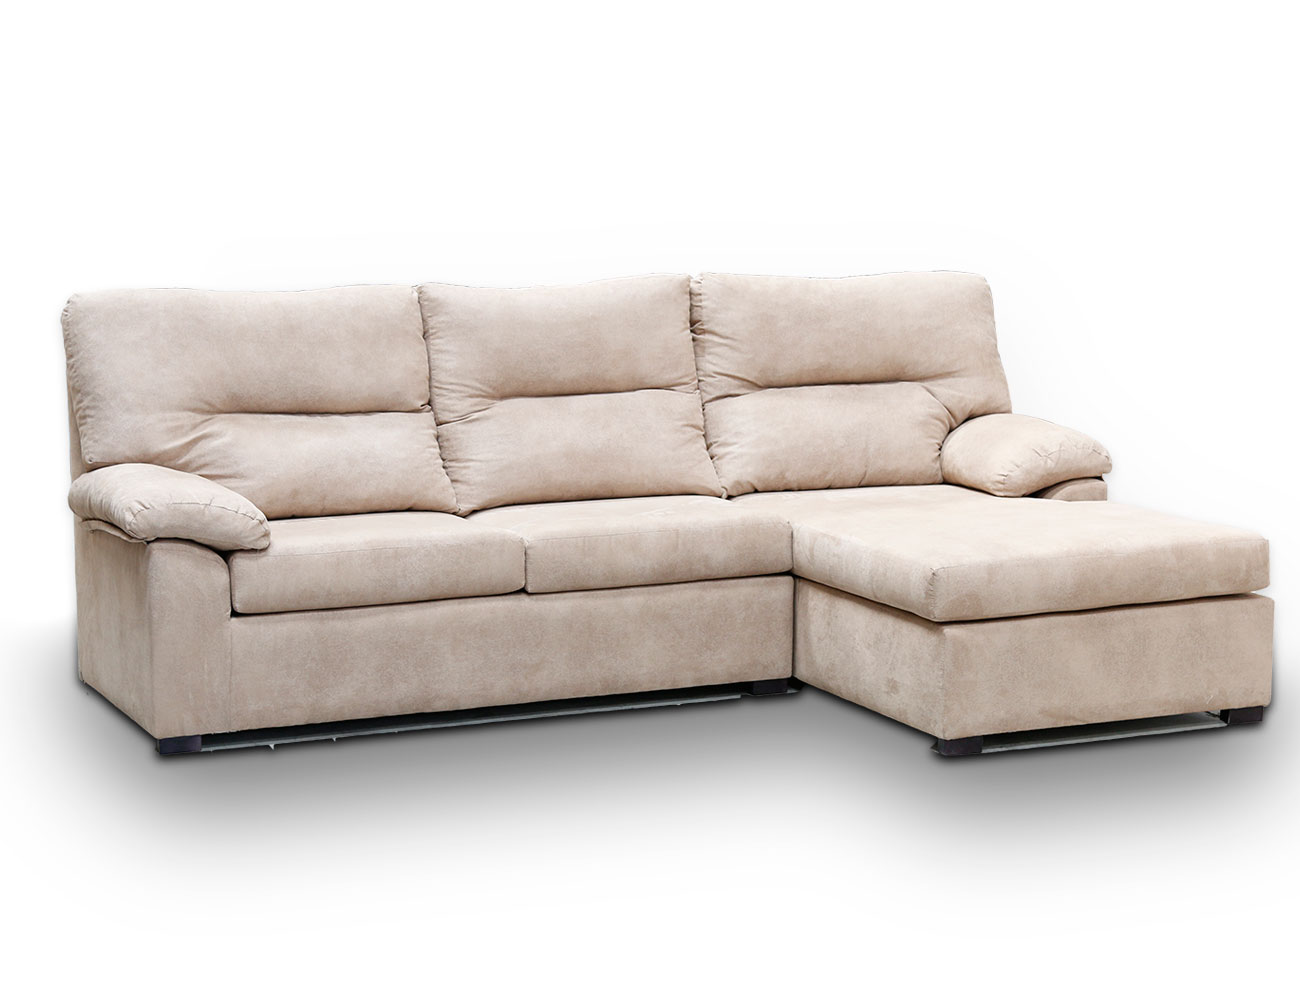 Sofa chaiselongue reversible barato1